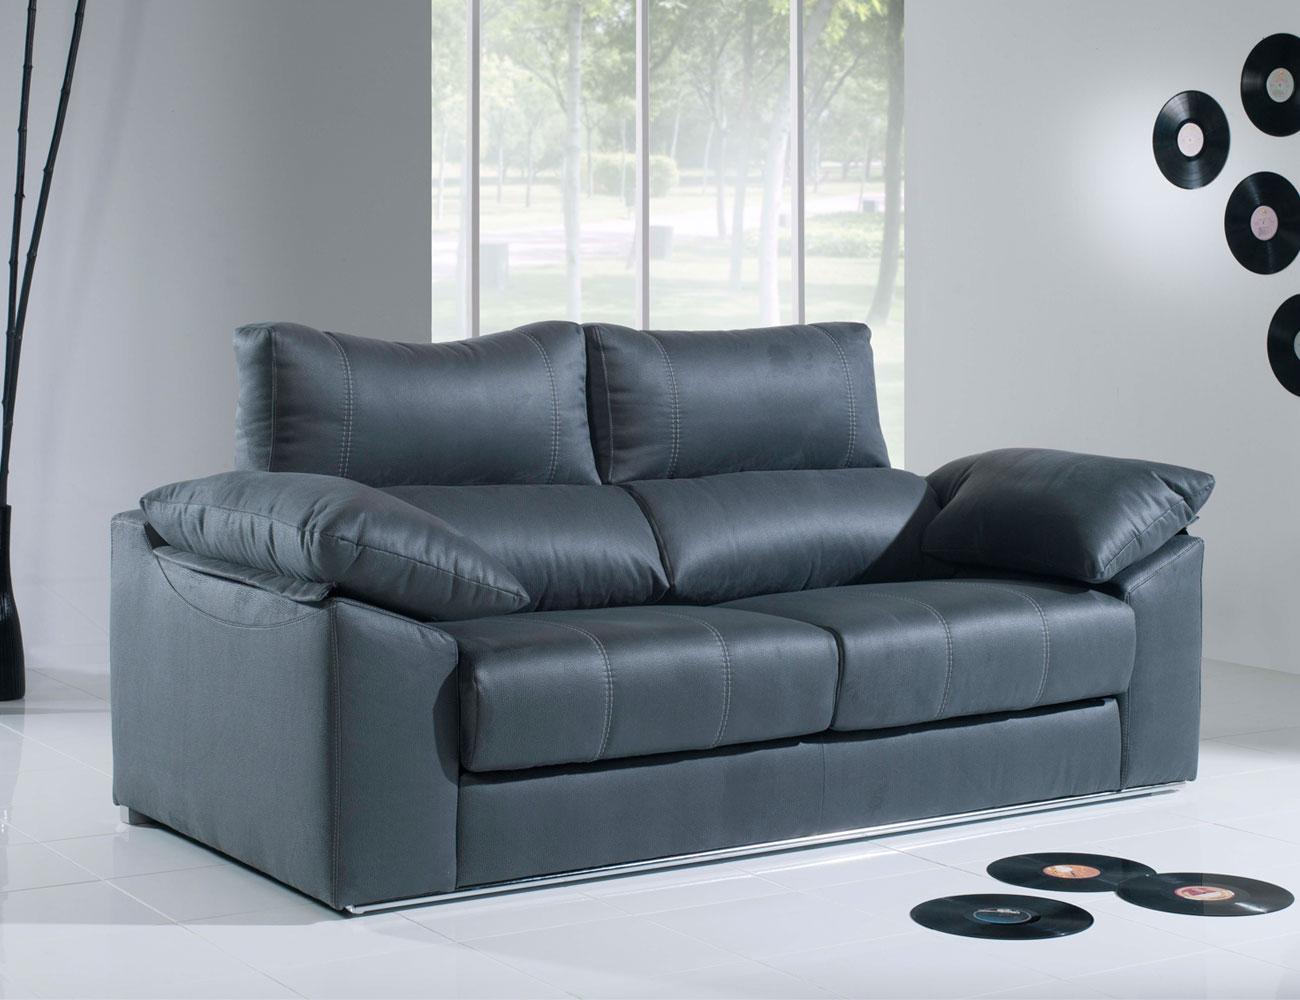 Sofa 3 plazas moderno con barra17